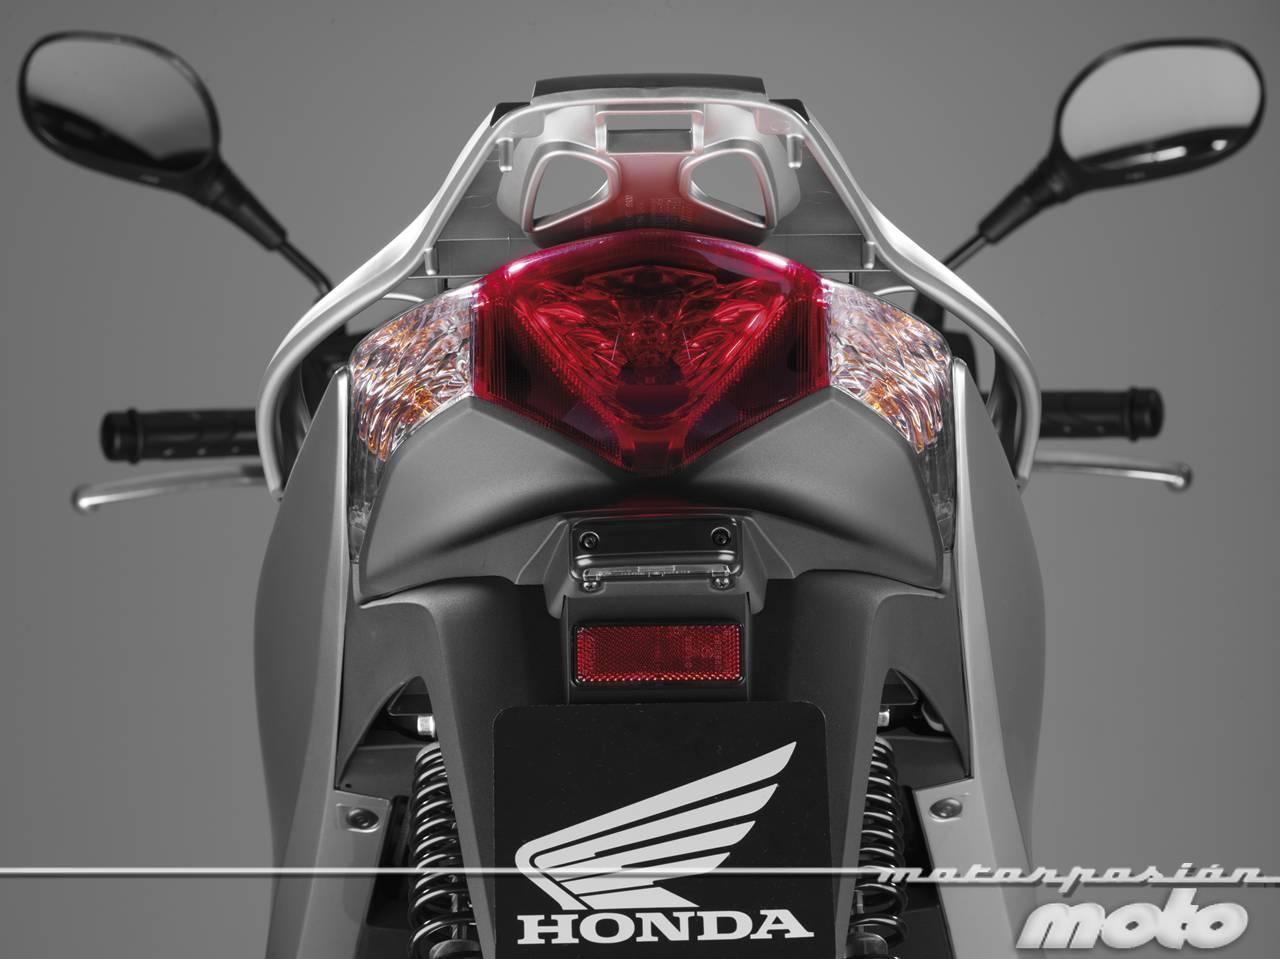 Foto de Honda Scoopy SH125i 2013, prueba (valoración, galería y ficha técnica)  - Fotos Detalles (78/81)